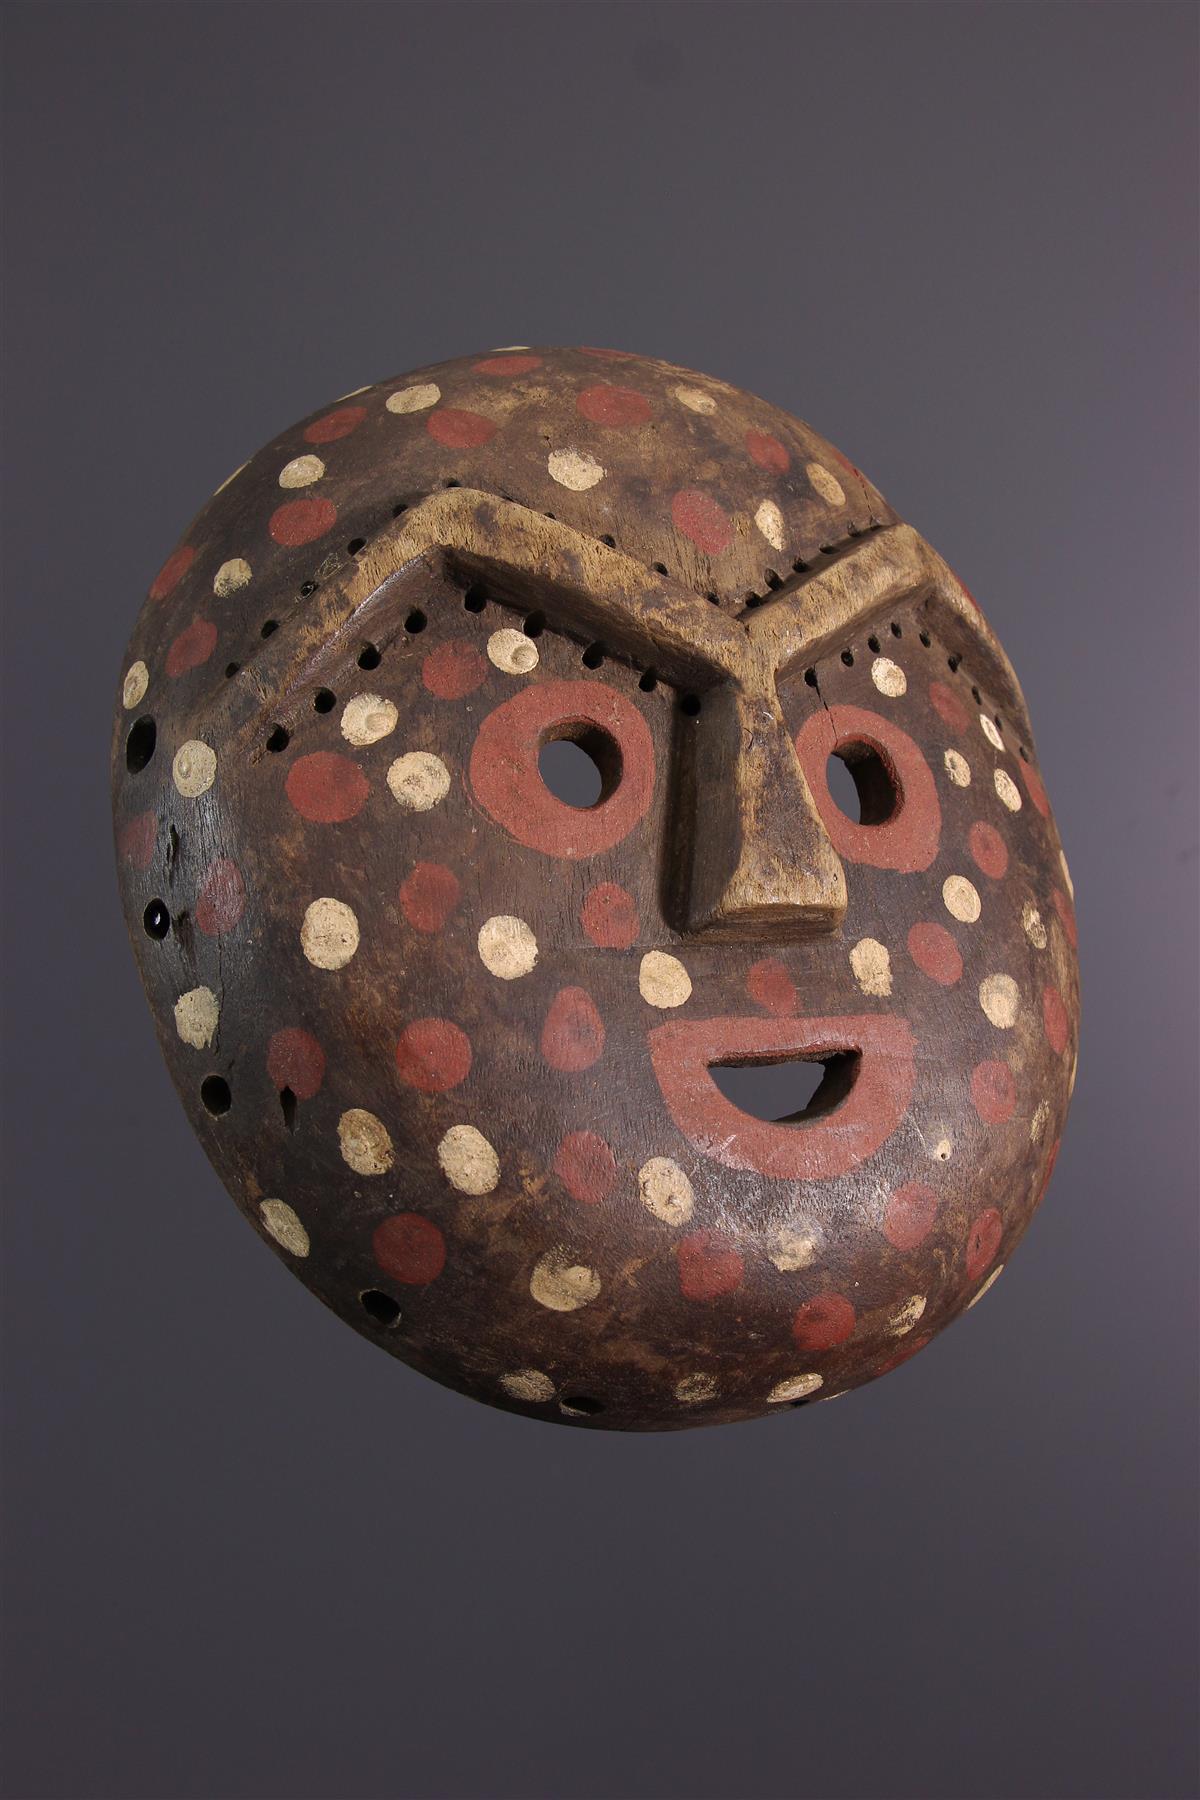 Komo masker - Afrikaanse kunst